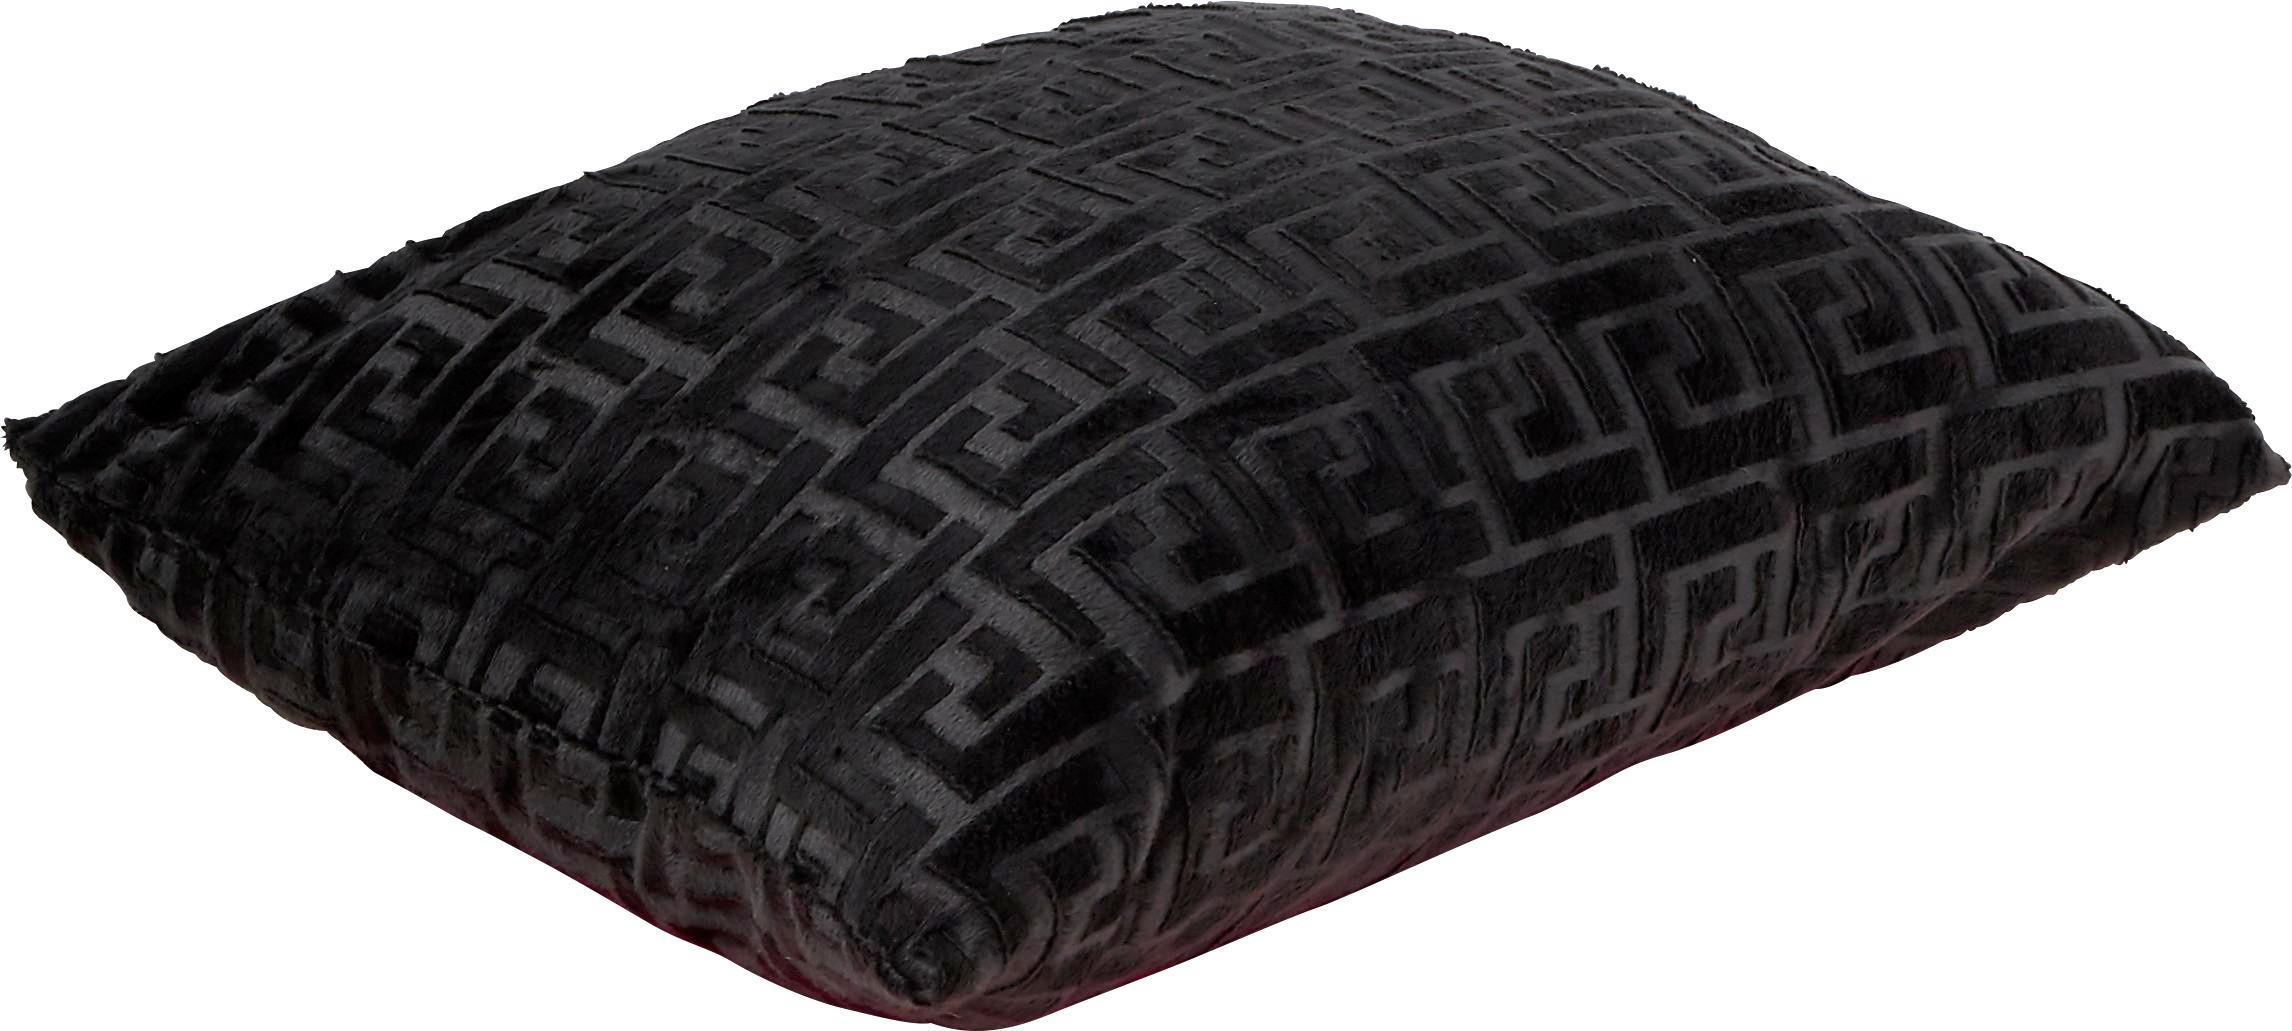 Zierkissen Mäander - Anthrazit, KONVENTIONELL, Textil (48/48cm) - OMBRA